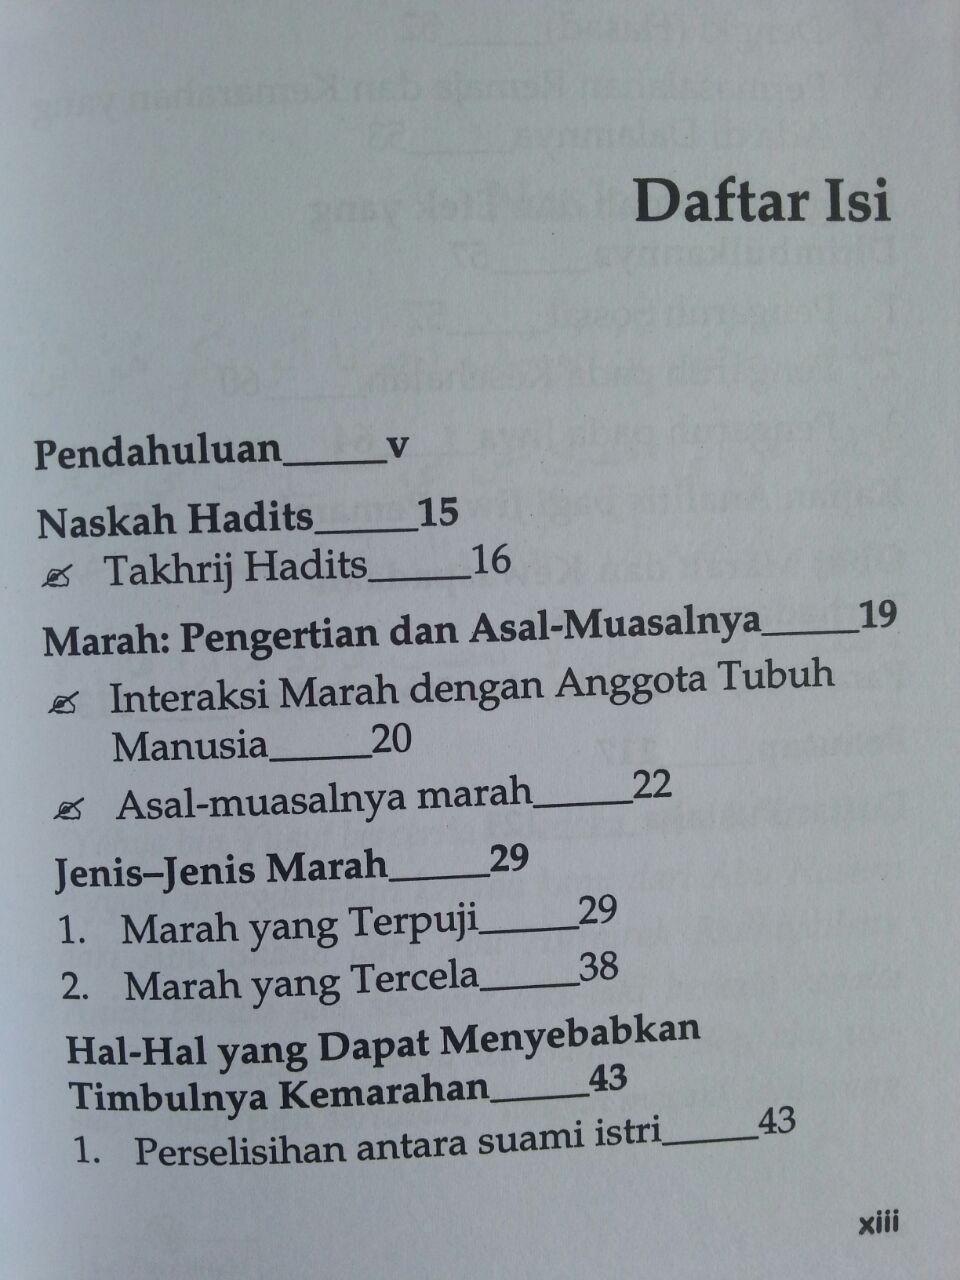 Buku La Taghdhab Metode Nabi Dalam Mengobati Marah isi